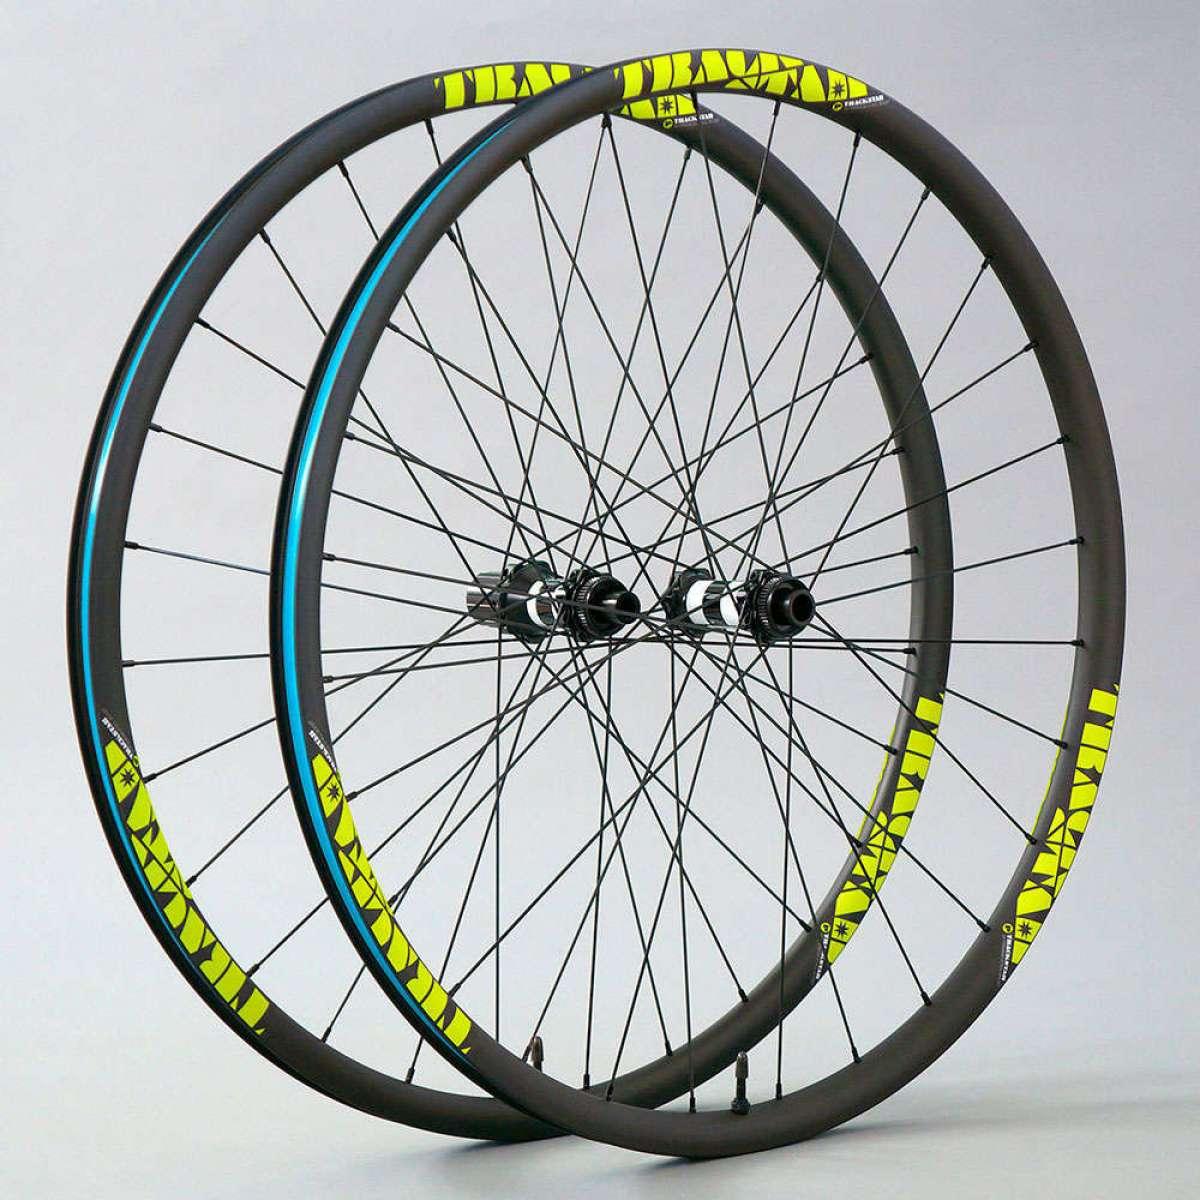 En TodoMountainBike: Trackstar lanza al mercado las Premium Ultralight XC, unas ruedas de carbono de 1.200 gramos por juego